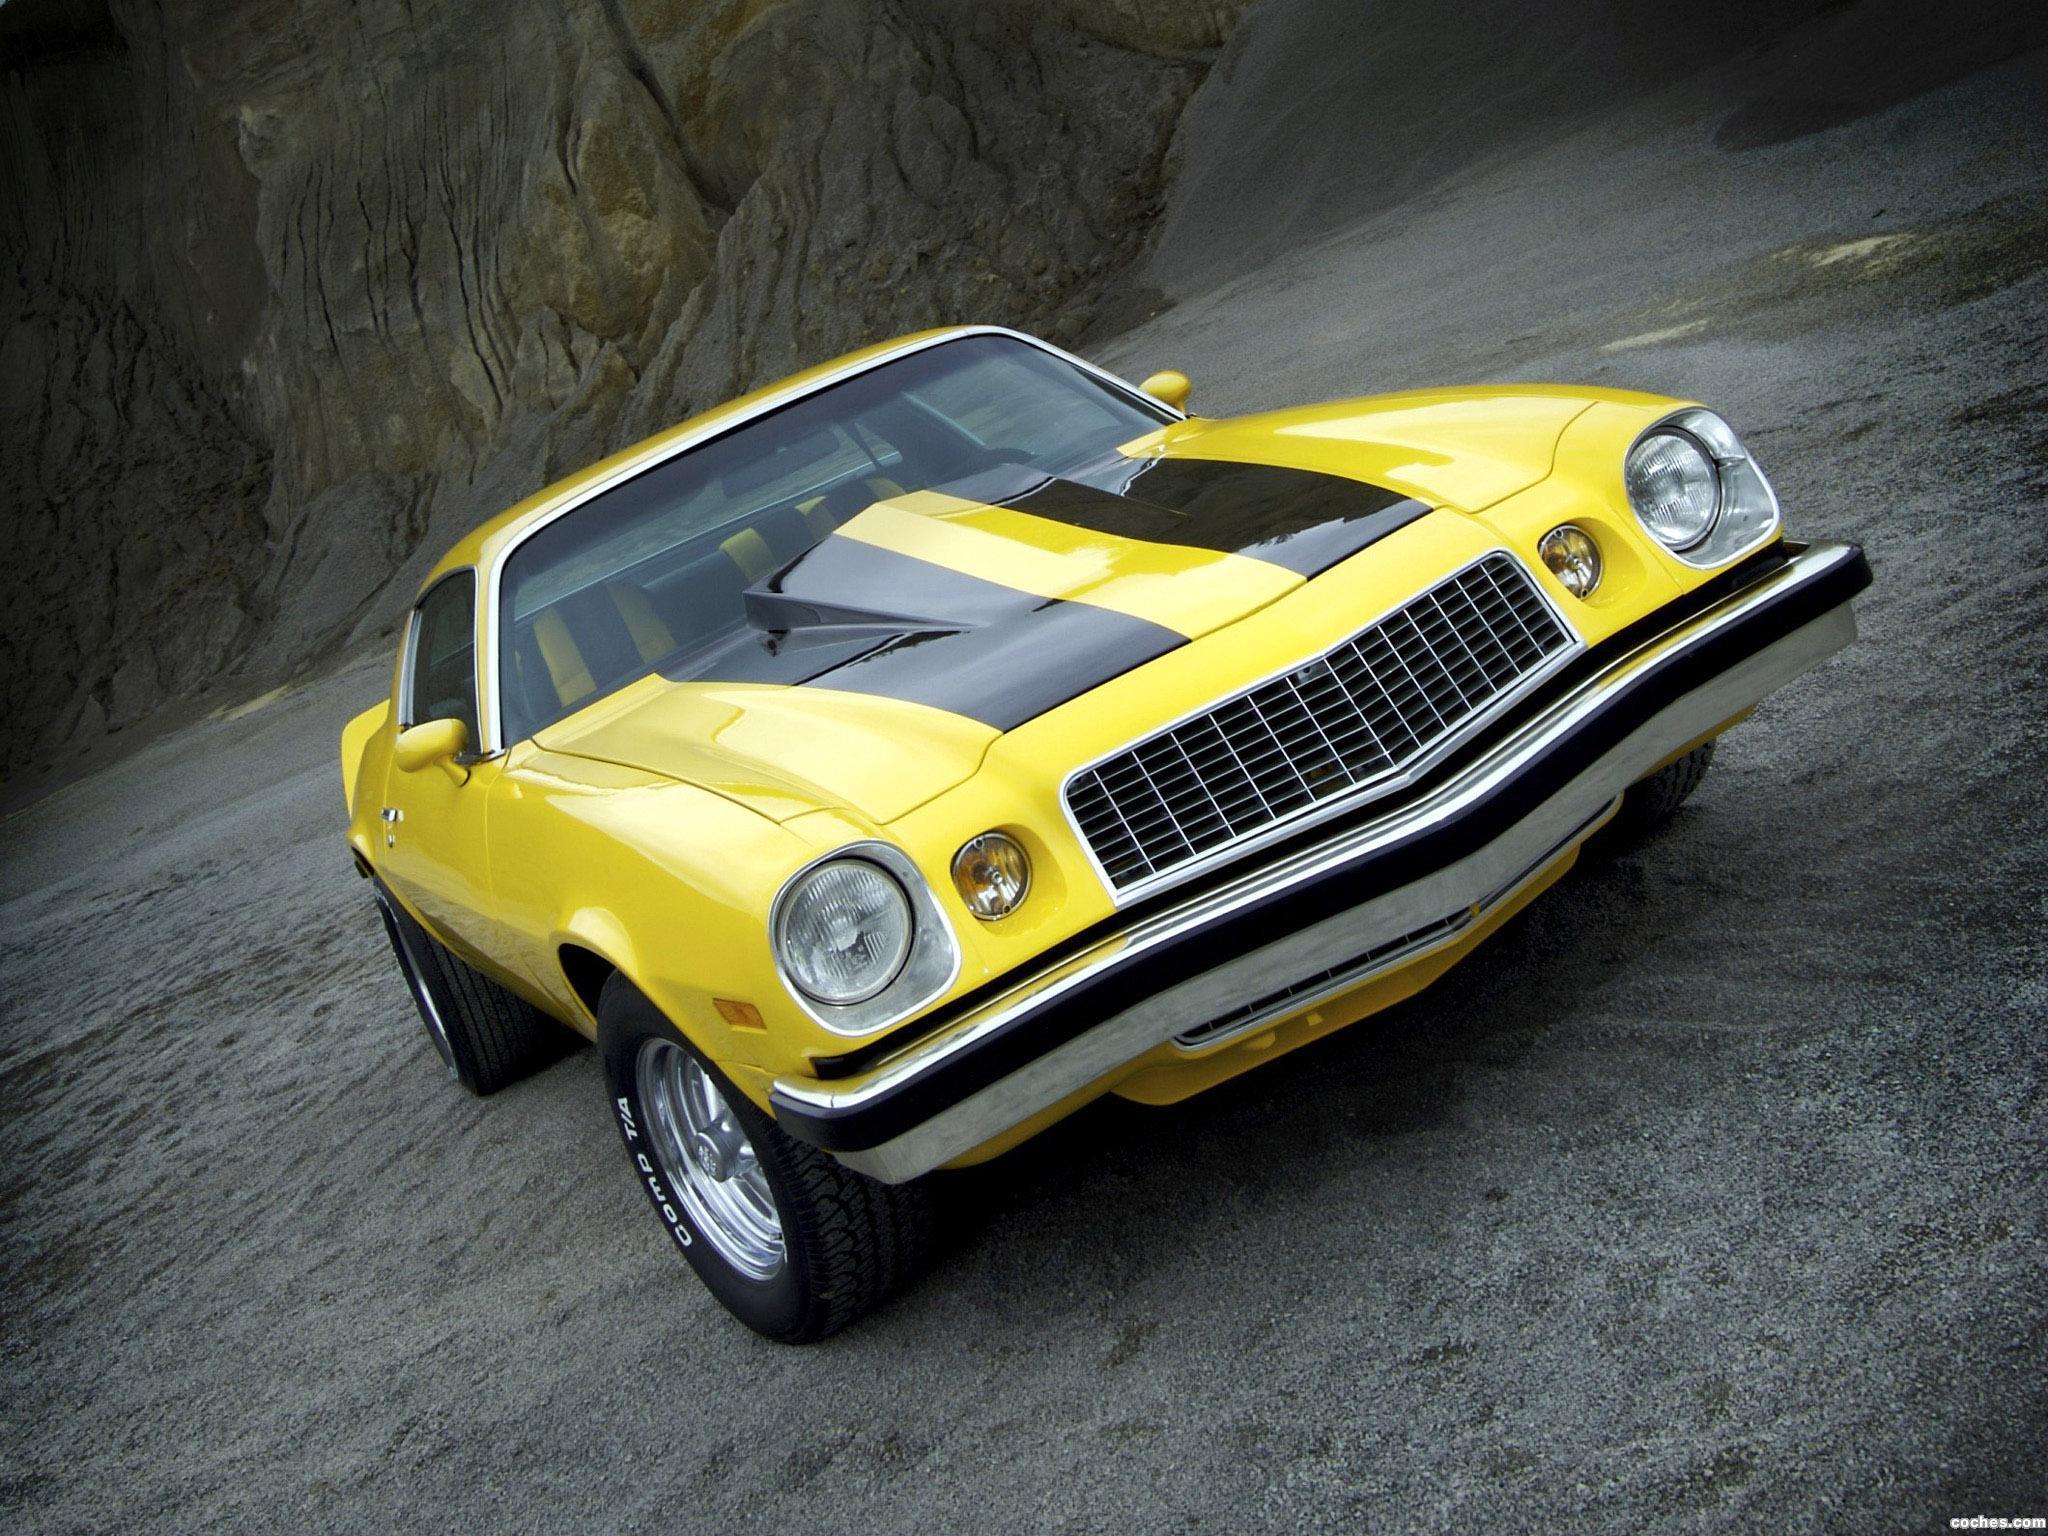 Foto 0 de Chevrolet Camaro 1974